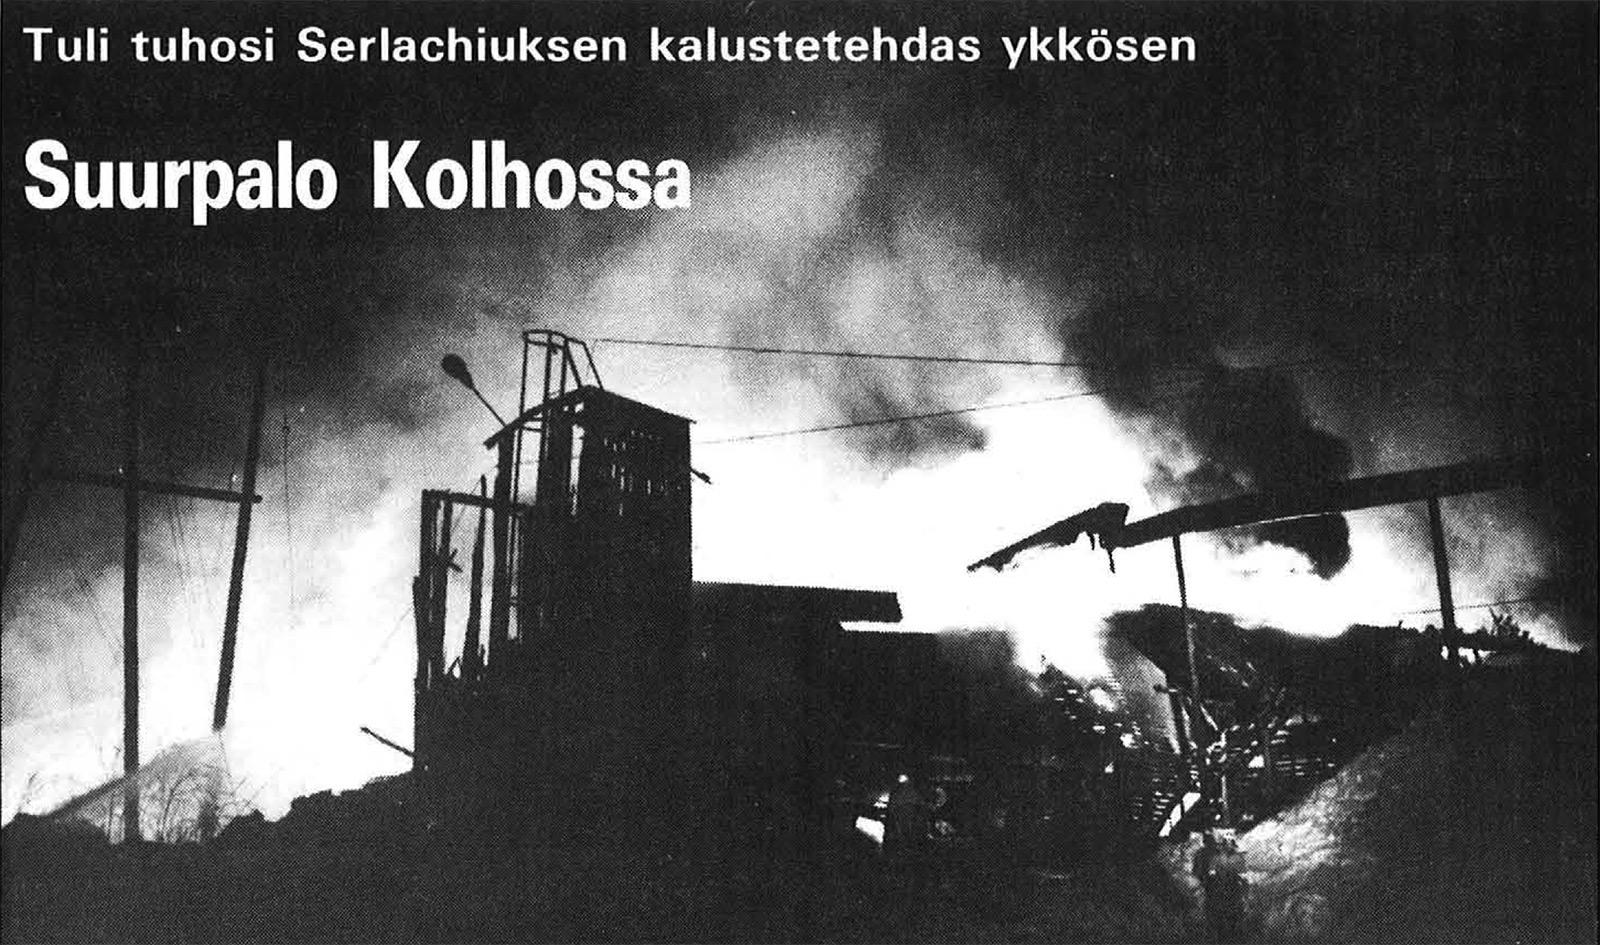 Suurpalo aiheutti noin 33 miljoonan markan vahingot. Tehtaassa valmistettiin muun muassa keittiö- ja kylpyhuonekalusteita.